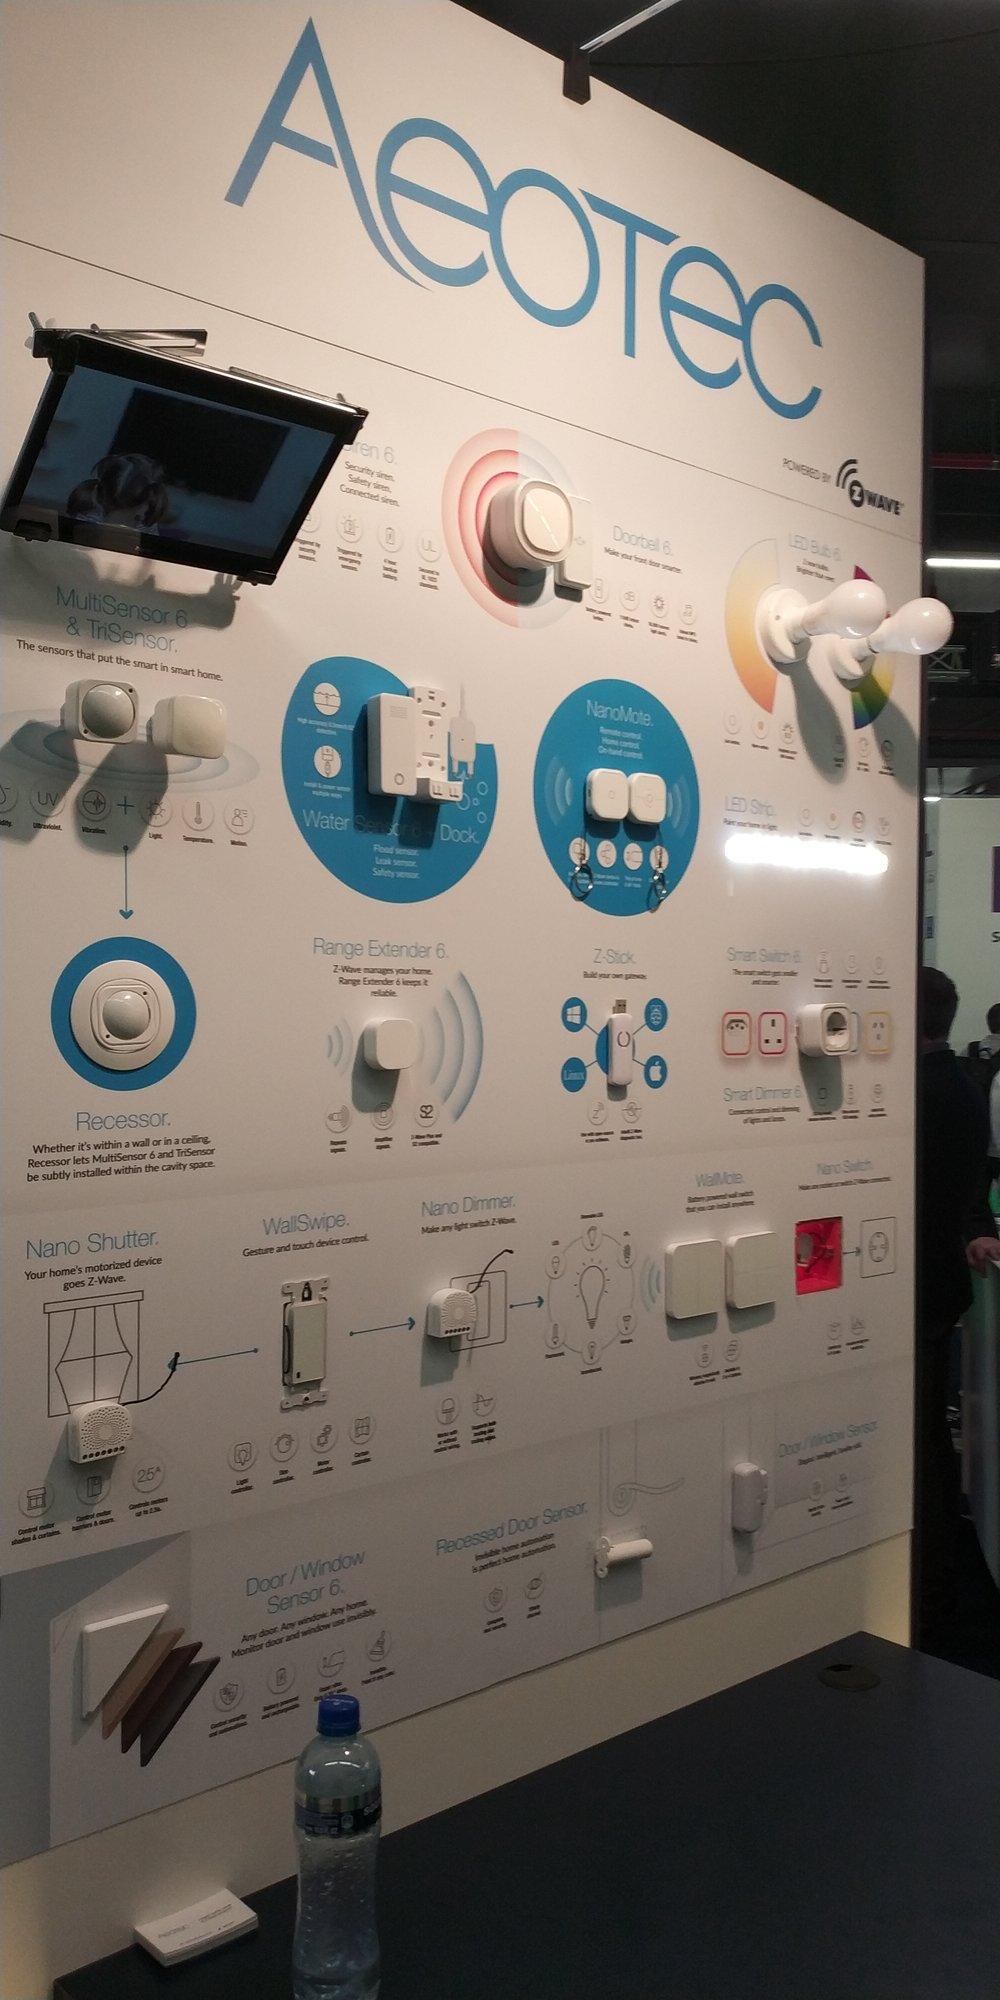 Aeotec Nano Smart Home Automation